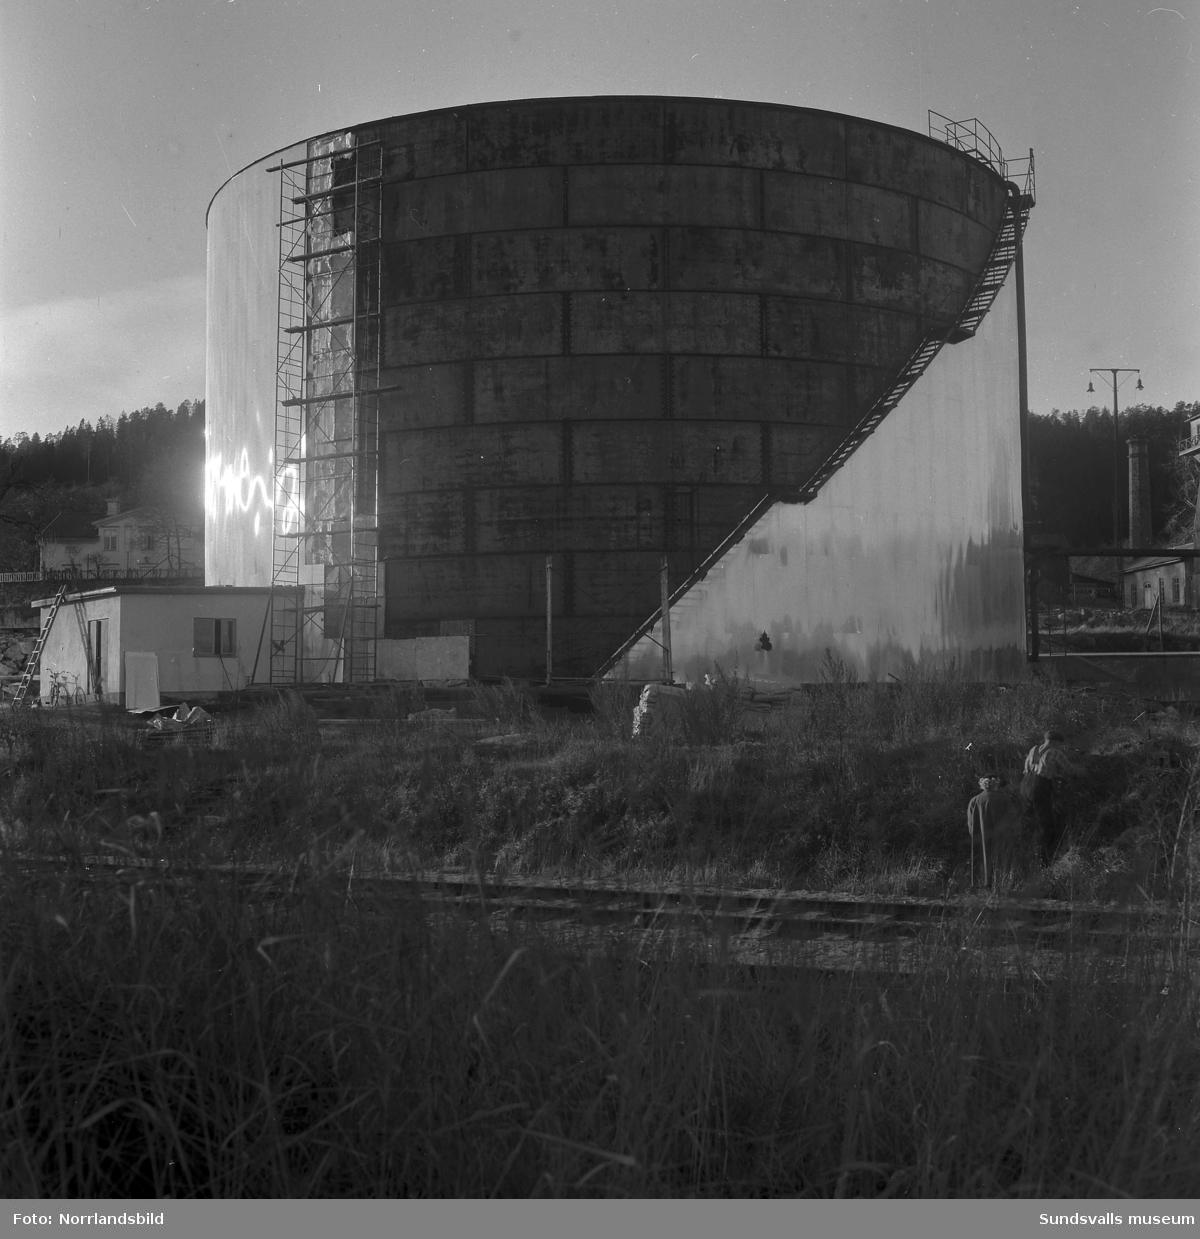 En cistern i Svartvik får isolering och plåtbeklädnad. På första bilden syns Svartviks herrgård till vänster och bakom cisternen skymtar en del av bebyggelsen på Klampenborg.